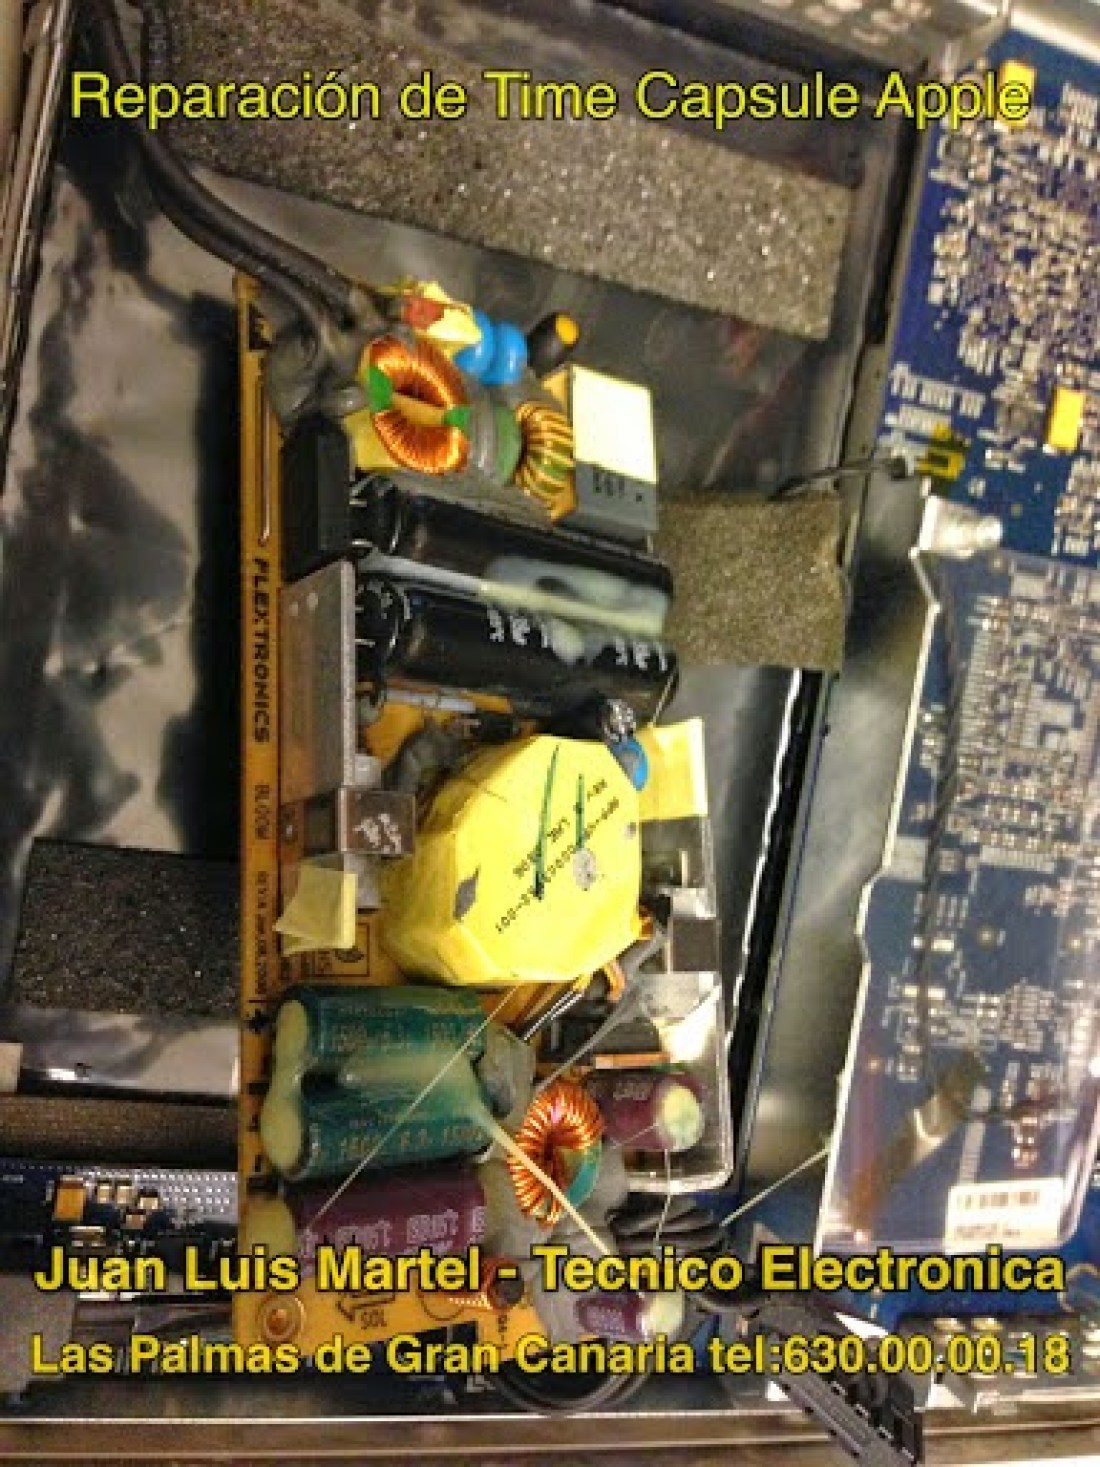 Reparar aparatos apple en Las Palmas, fuente de alimentación con condensadores ya reparados de Time Capsule